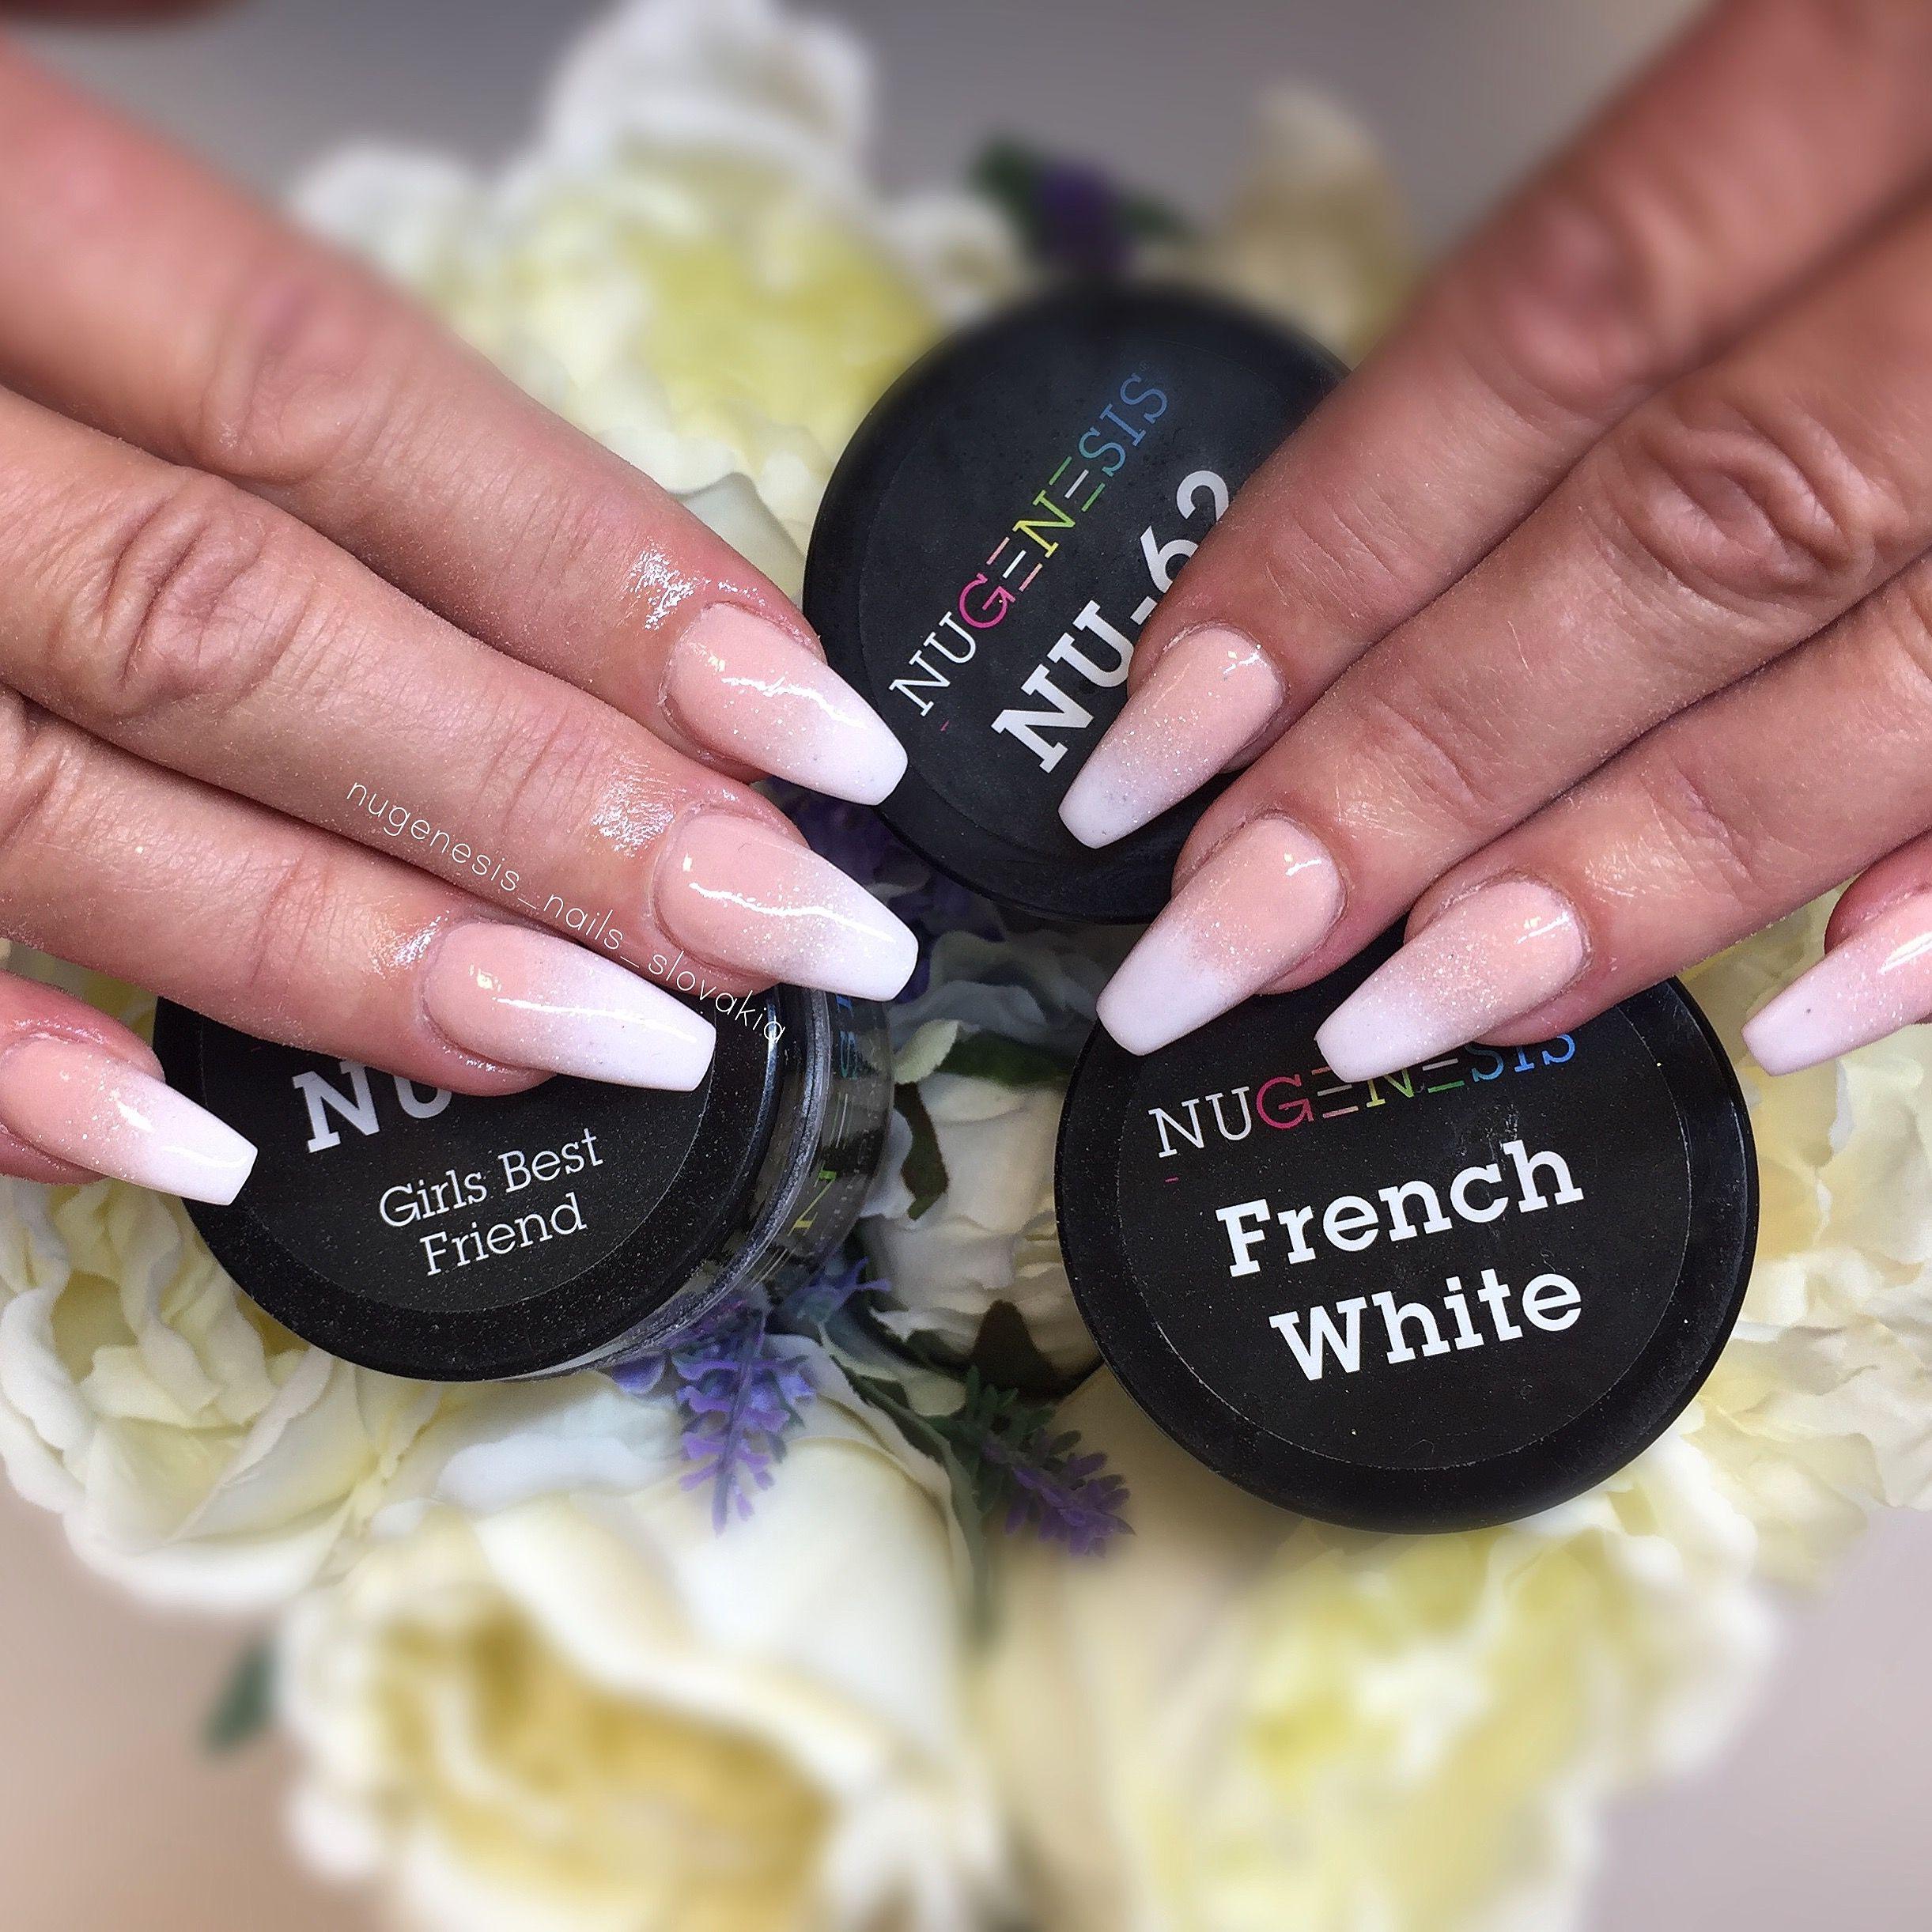 Nugenesis Dip Powder Wedding Nails Dip Powder Nails Powder Nails Makeup Nails Designs